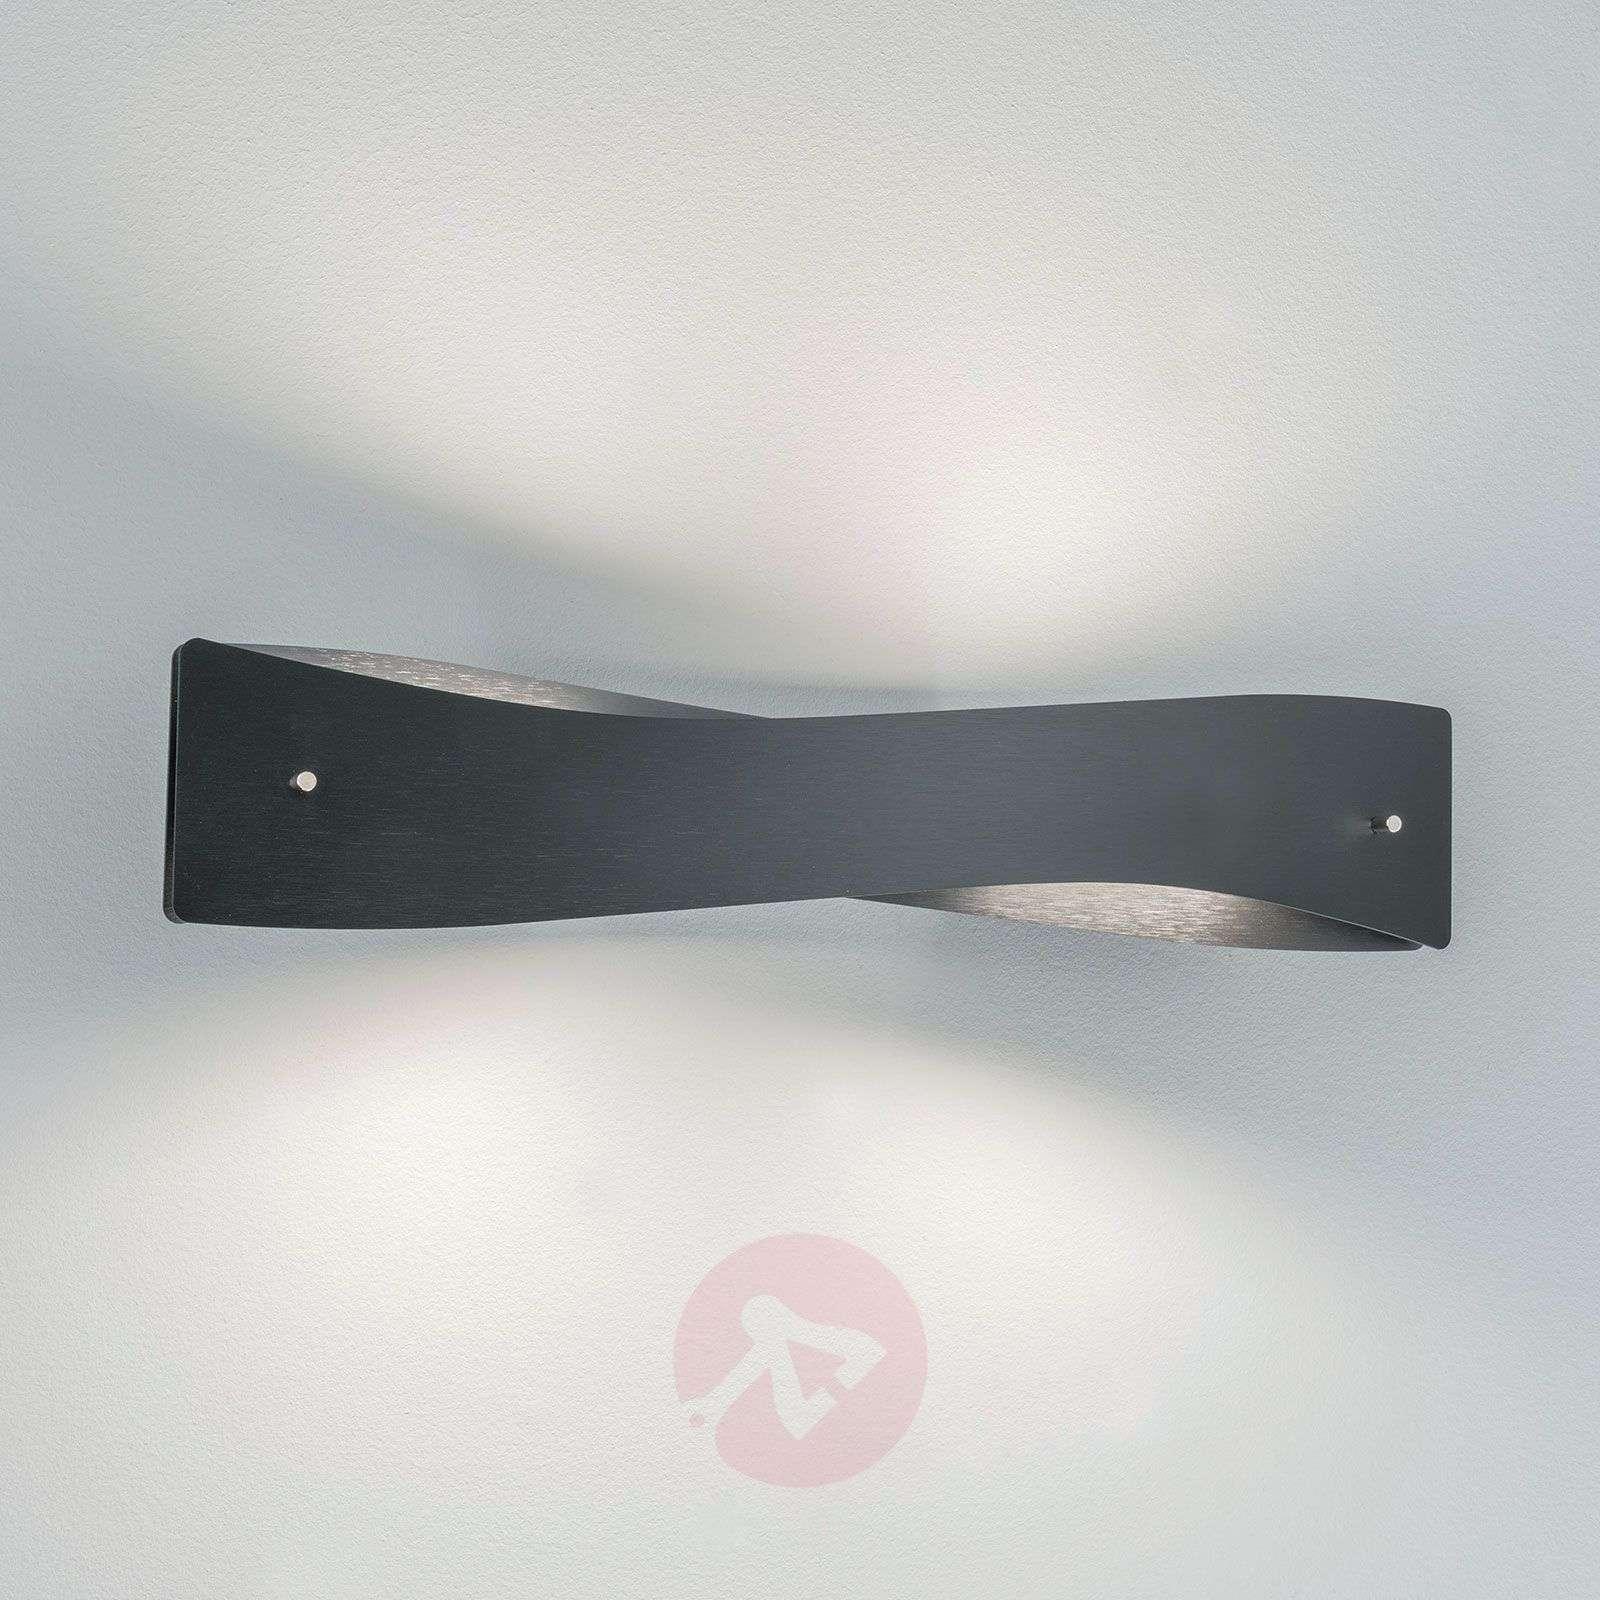 Lucande Lian LED-seinävalaisin, musta, alumiini-6722549-02